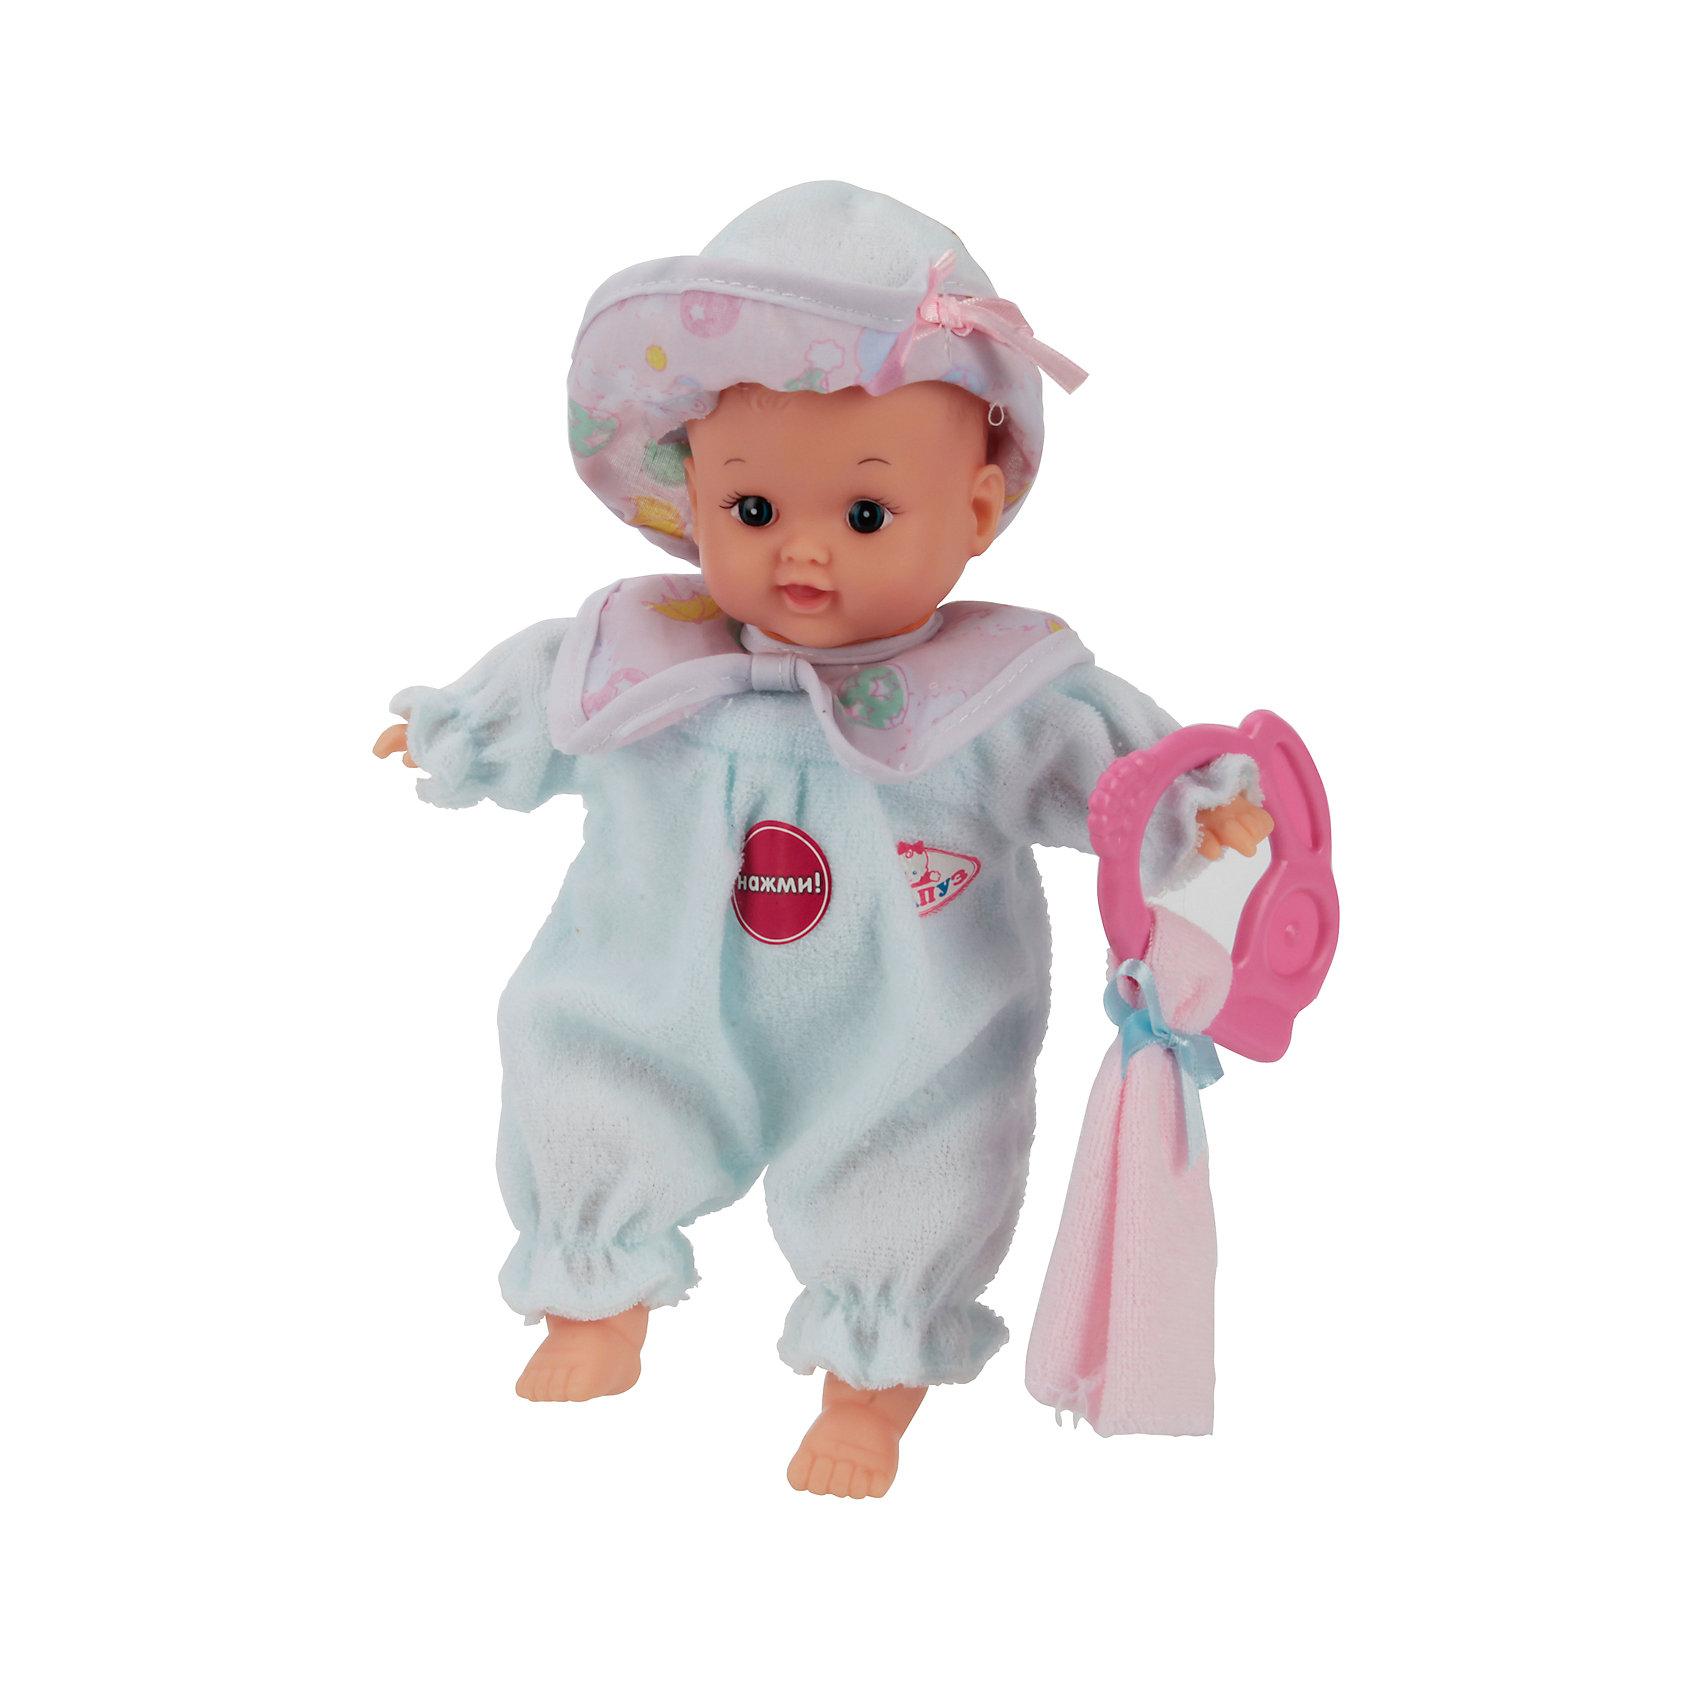 Пупс, 24 см, озвученный, 7 фраз с аксессуарами в сумке, КарапузИнтерактивные куклы<br><br><br>Ширина мм: 150<br>Глубина мм: 110<br>Высота мм: 210<br>Вес г: 240<br>Возраст от месяцев: 36<br>Возраст до месяцев: 60<br>Пол: Унисекс<br>Возраст: Детский<br>SKU: 6848828